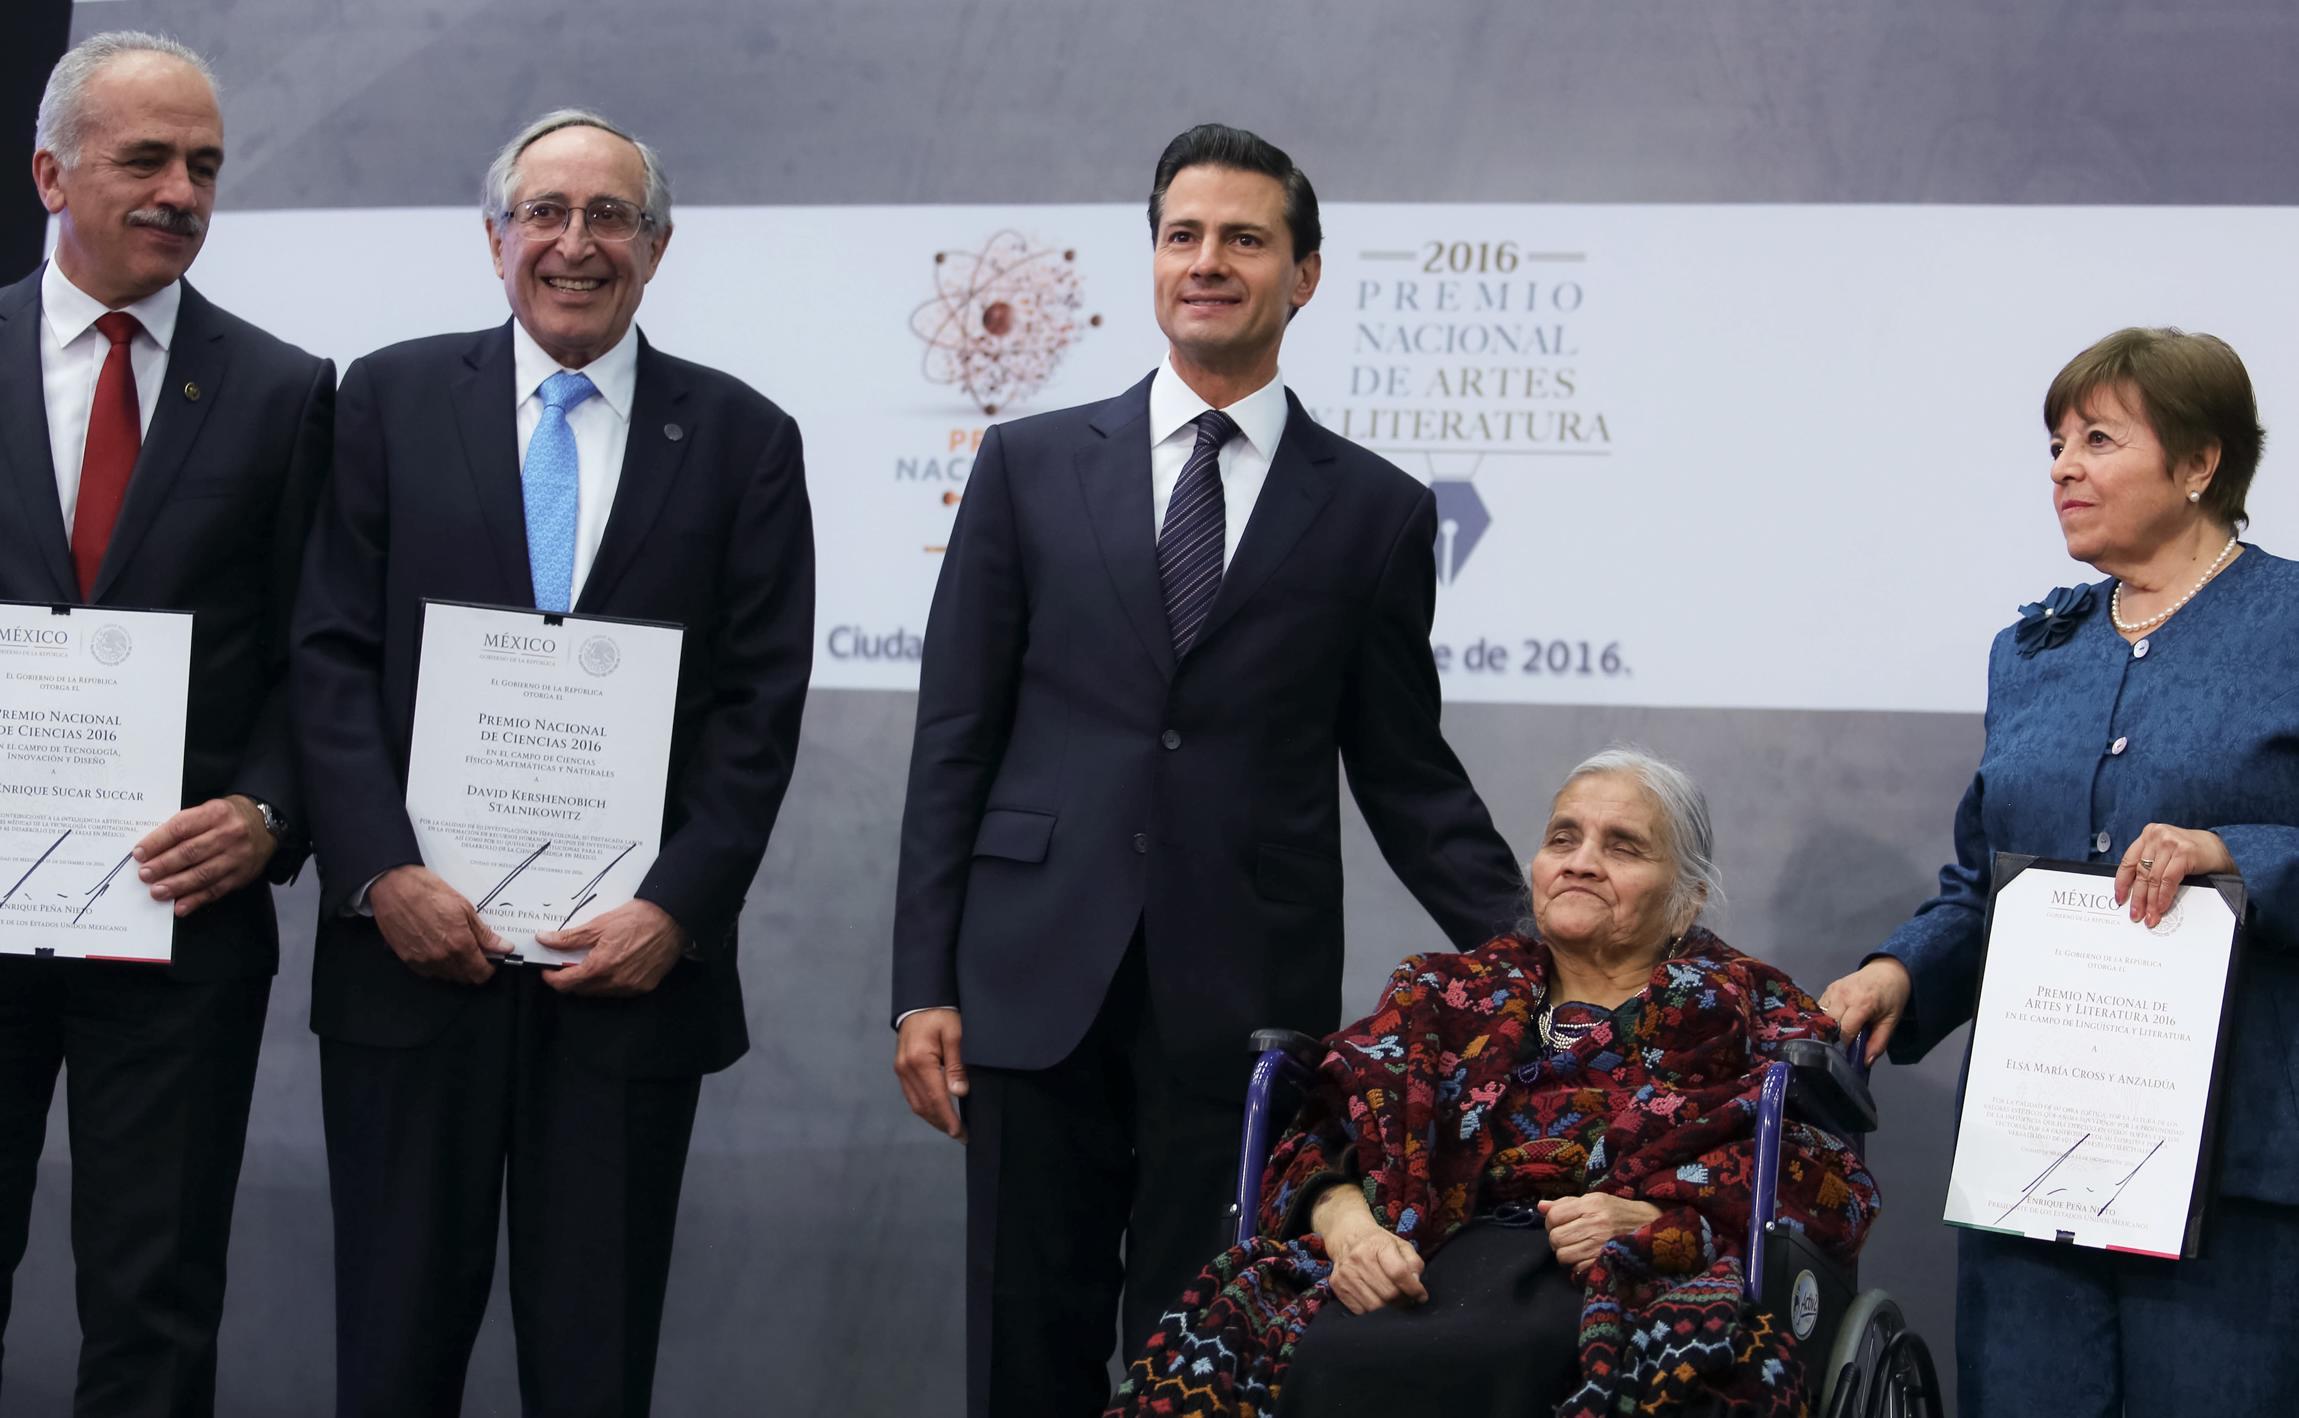 """""""Para el Gobierno de la República el estímulo a la labor de los creadores es una tarea irrenunciable"""": EPN"""